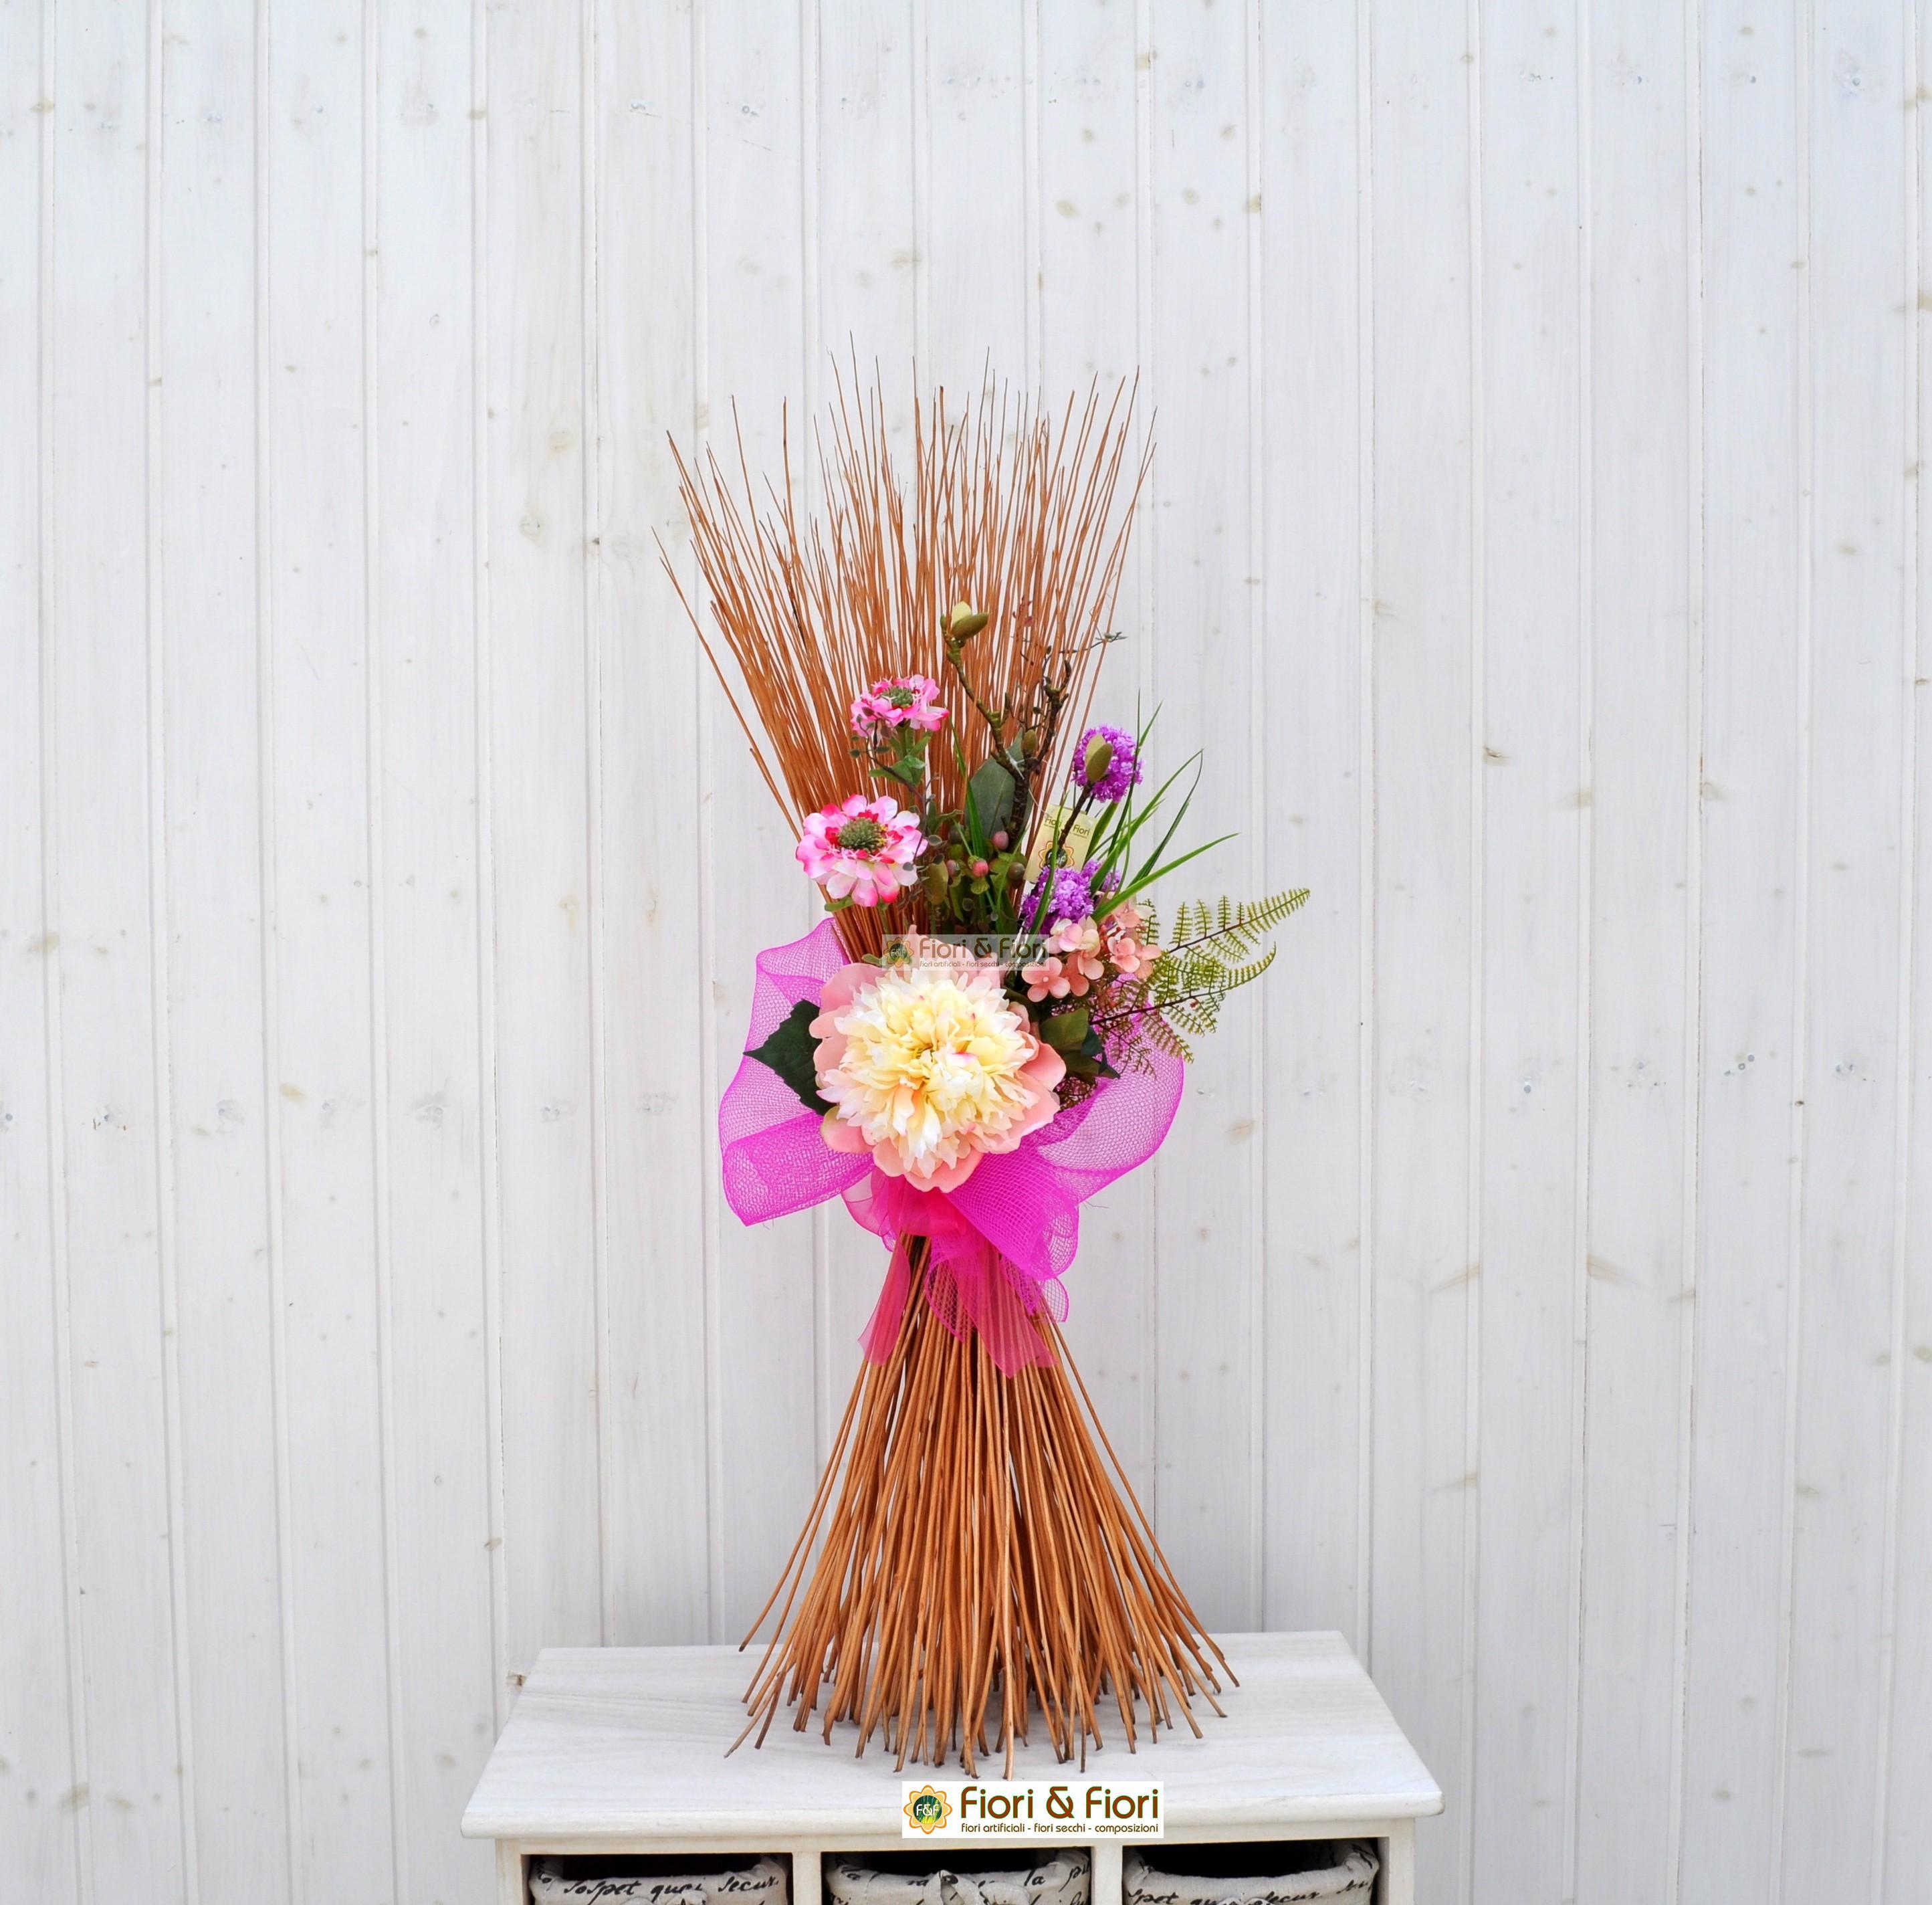 Composizioni con fiori finti per decorazioni di interni - Decorazioni fiori finti ...